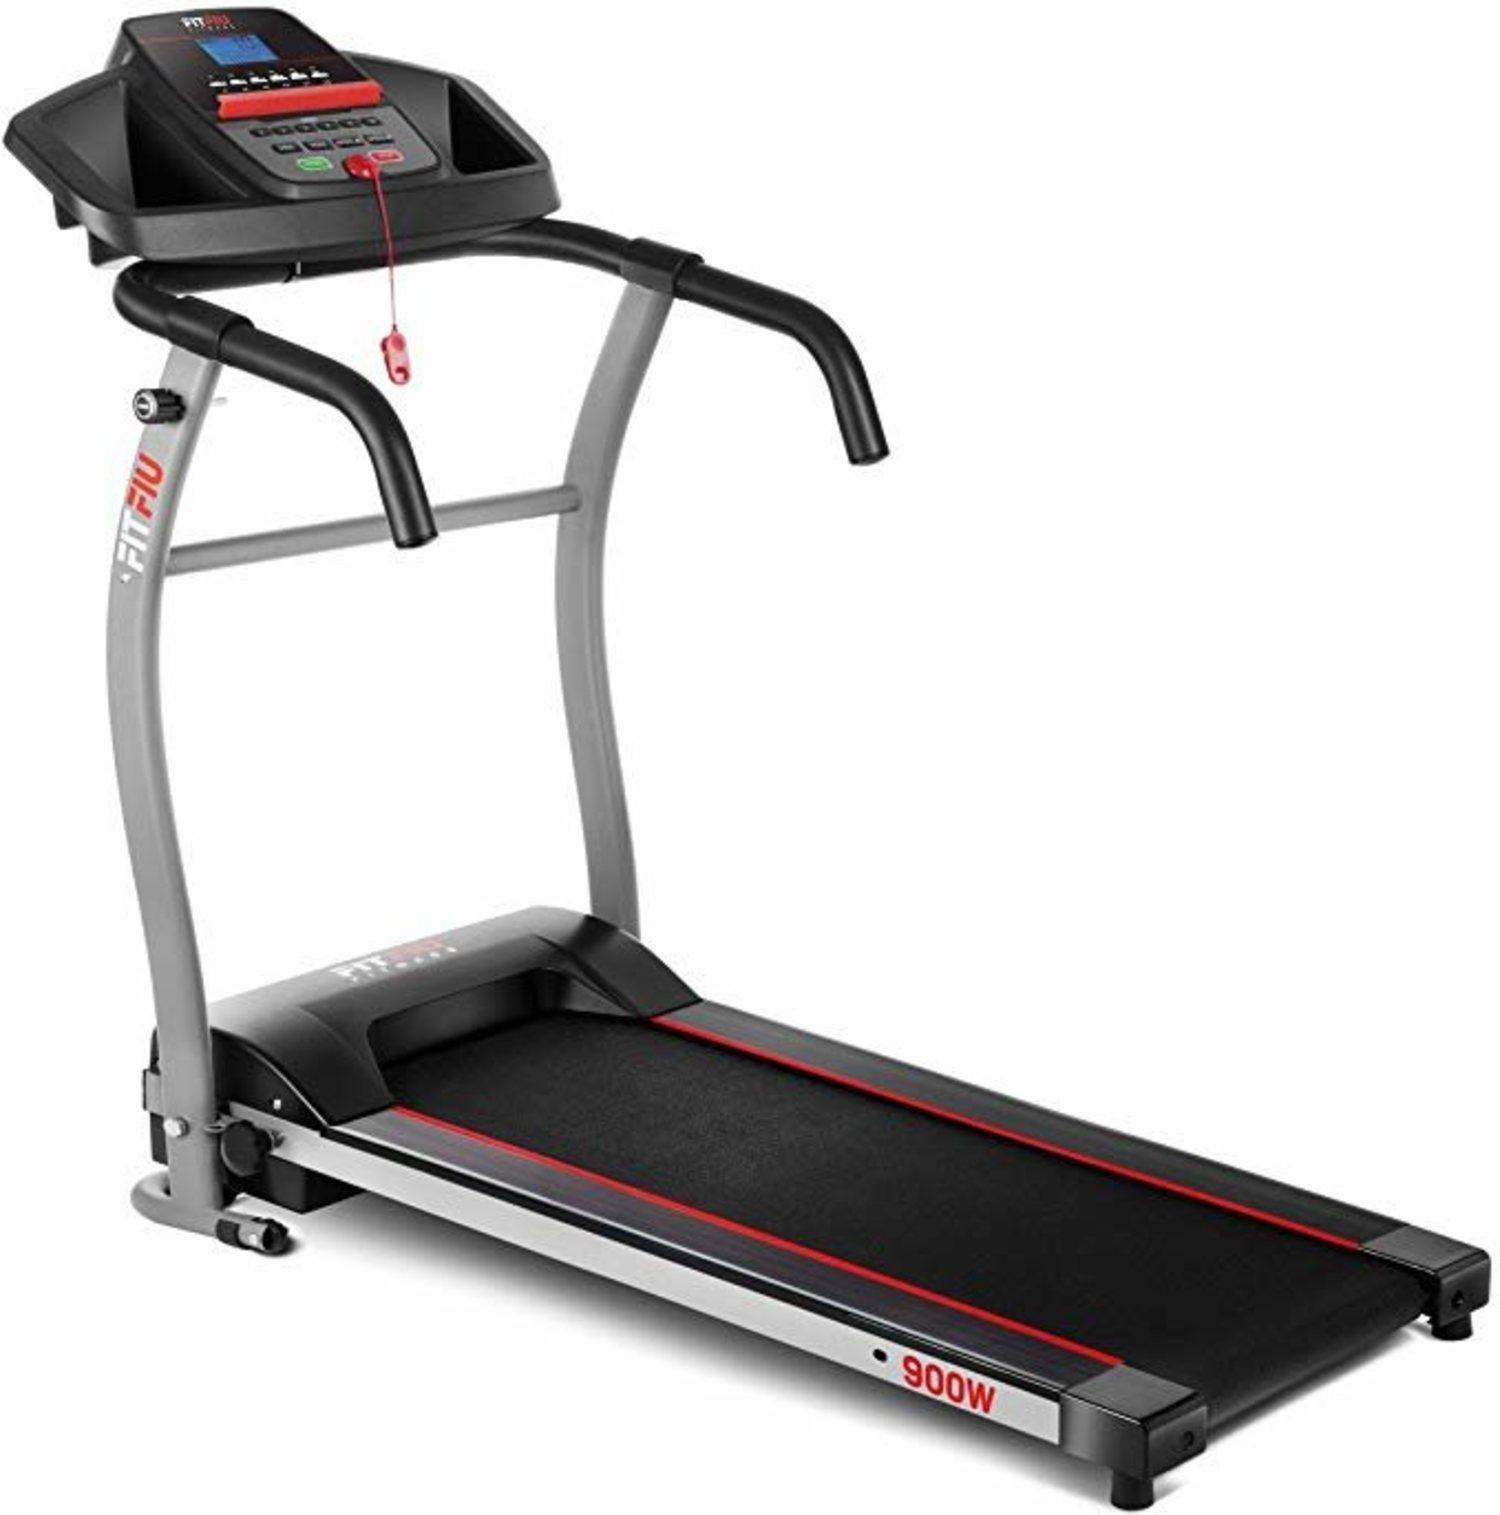 Cinta de correr plegable Fitfiu, ideal para hacer ejercicio en casa, también si no tienes mucho espacio.